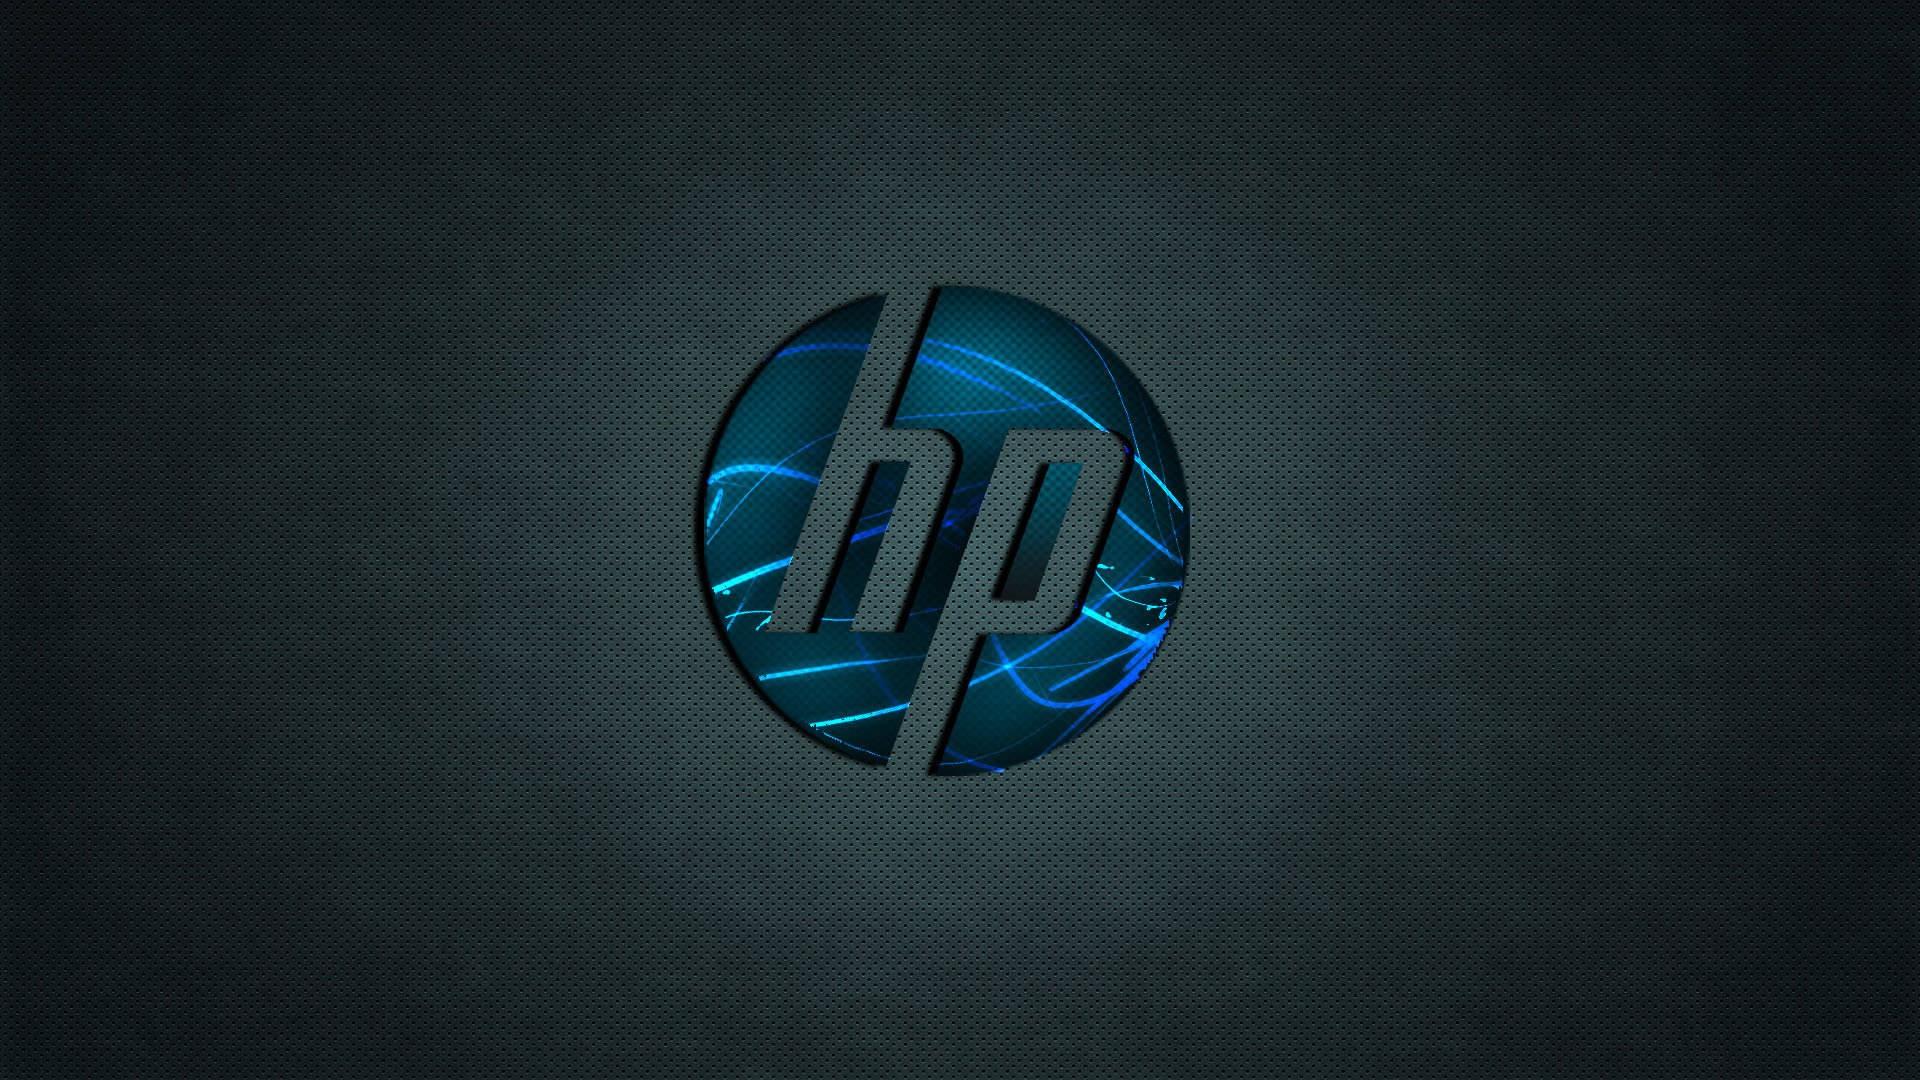 HPсократит около 4 тыс. рабочих мест